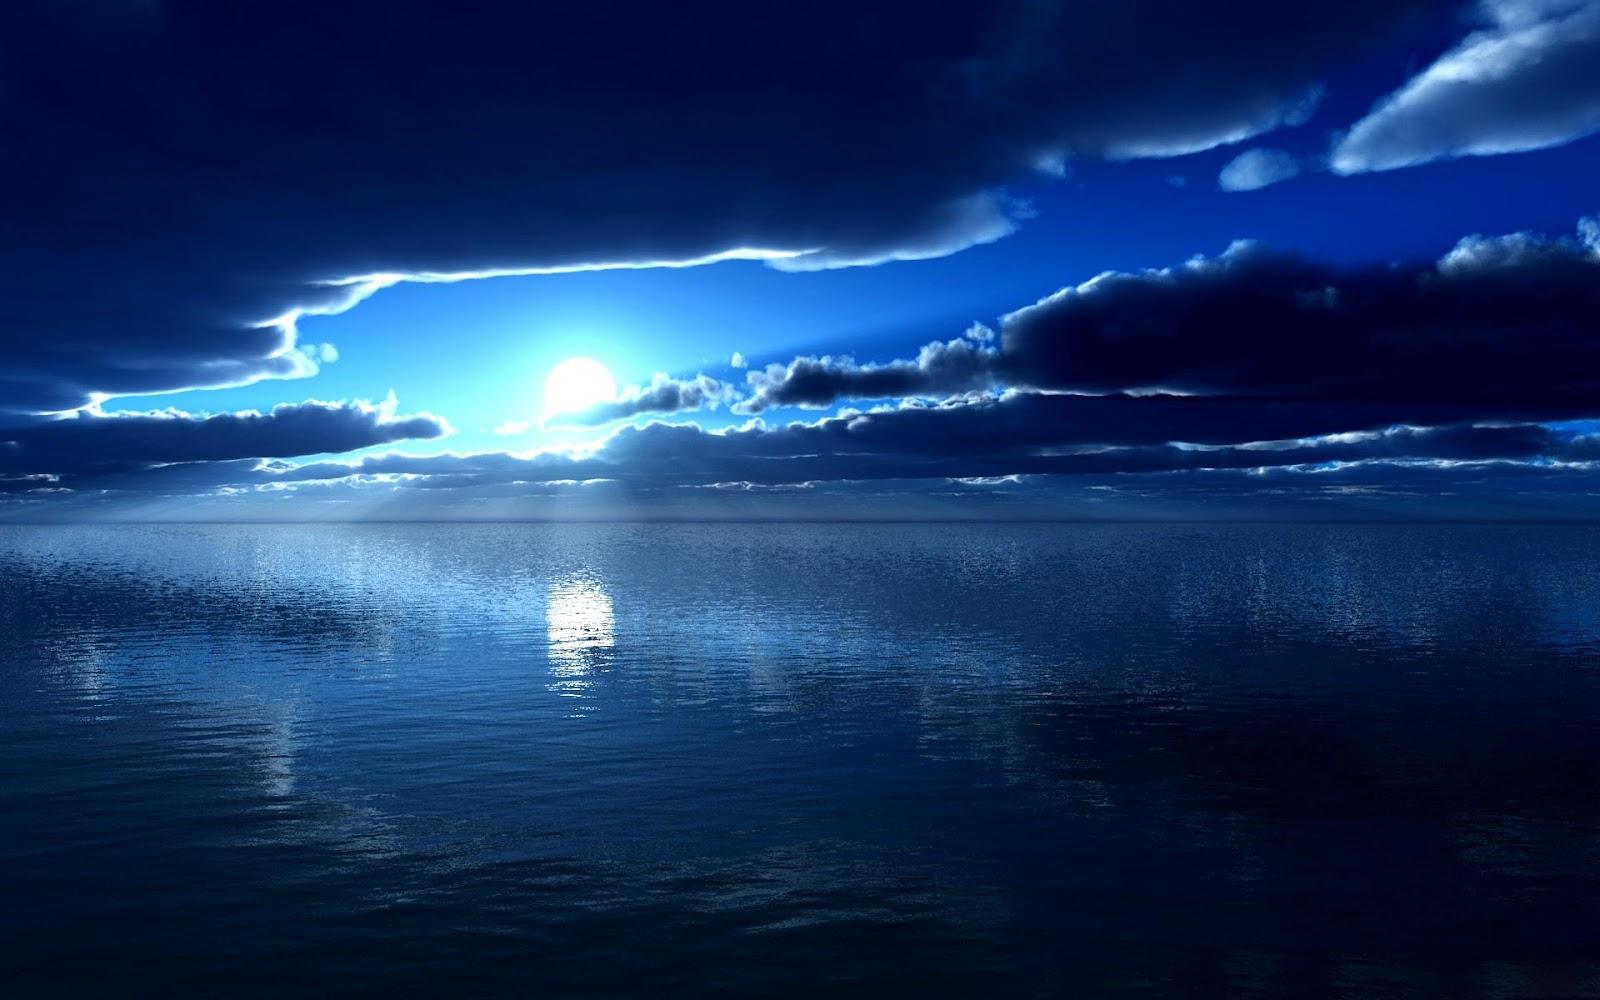 http://3.bp.blogspot.com/-FXqA1ECzQ84/UC5nZsMWrAI/AAAAAAAAAz4/9XGSVI2BagM/s1600/Sky+and+river+relax+hd+wallpaper+(1920+x+1200).jpg